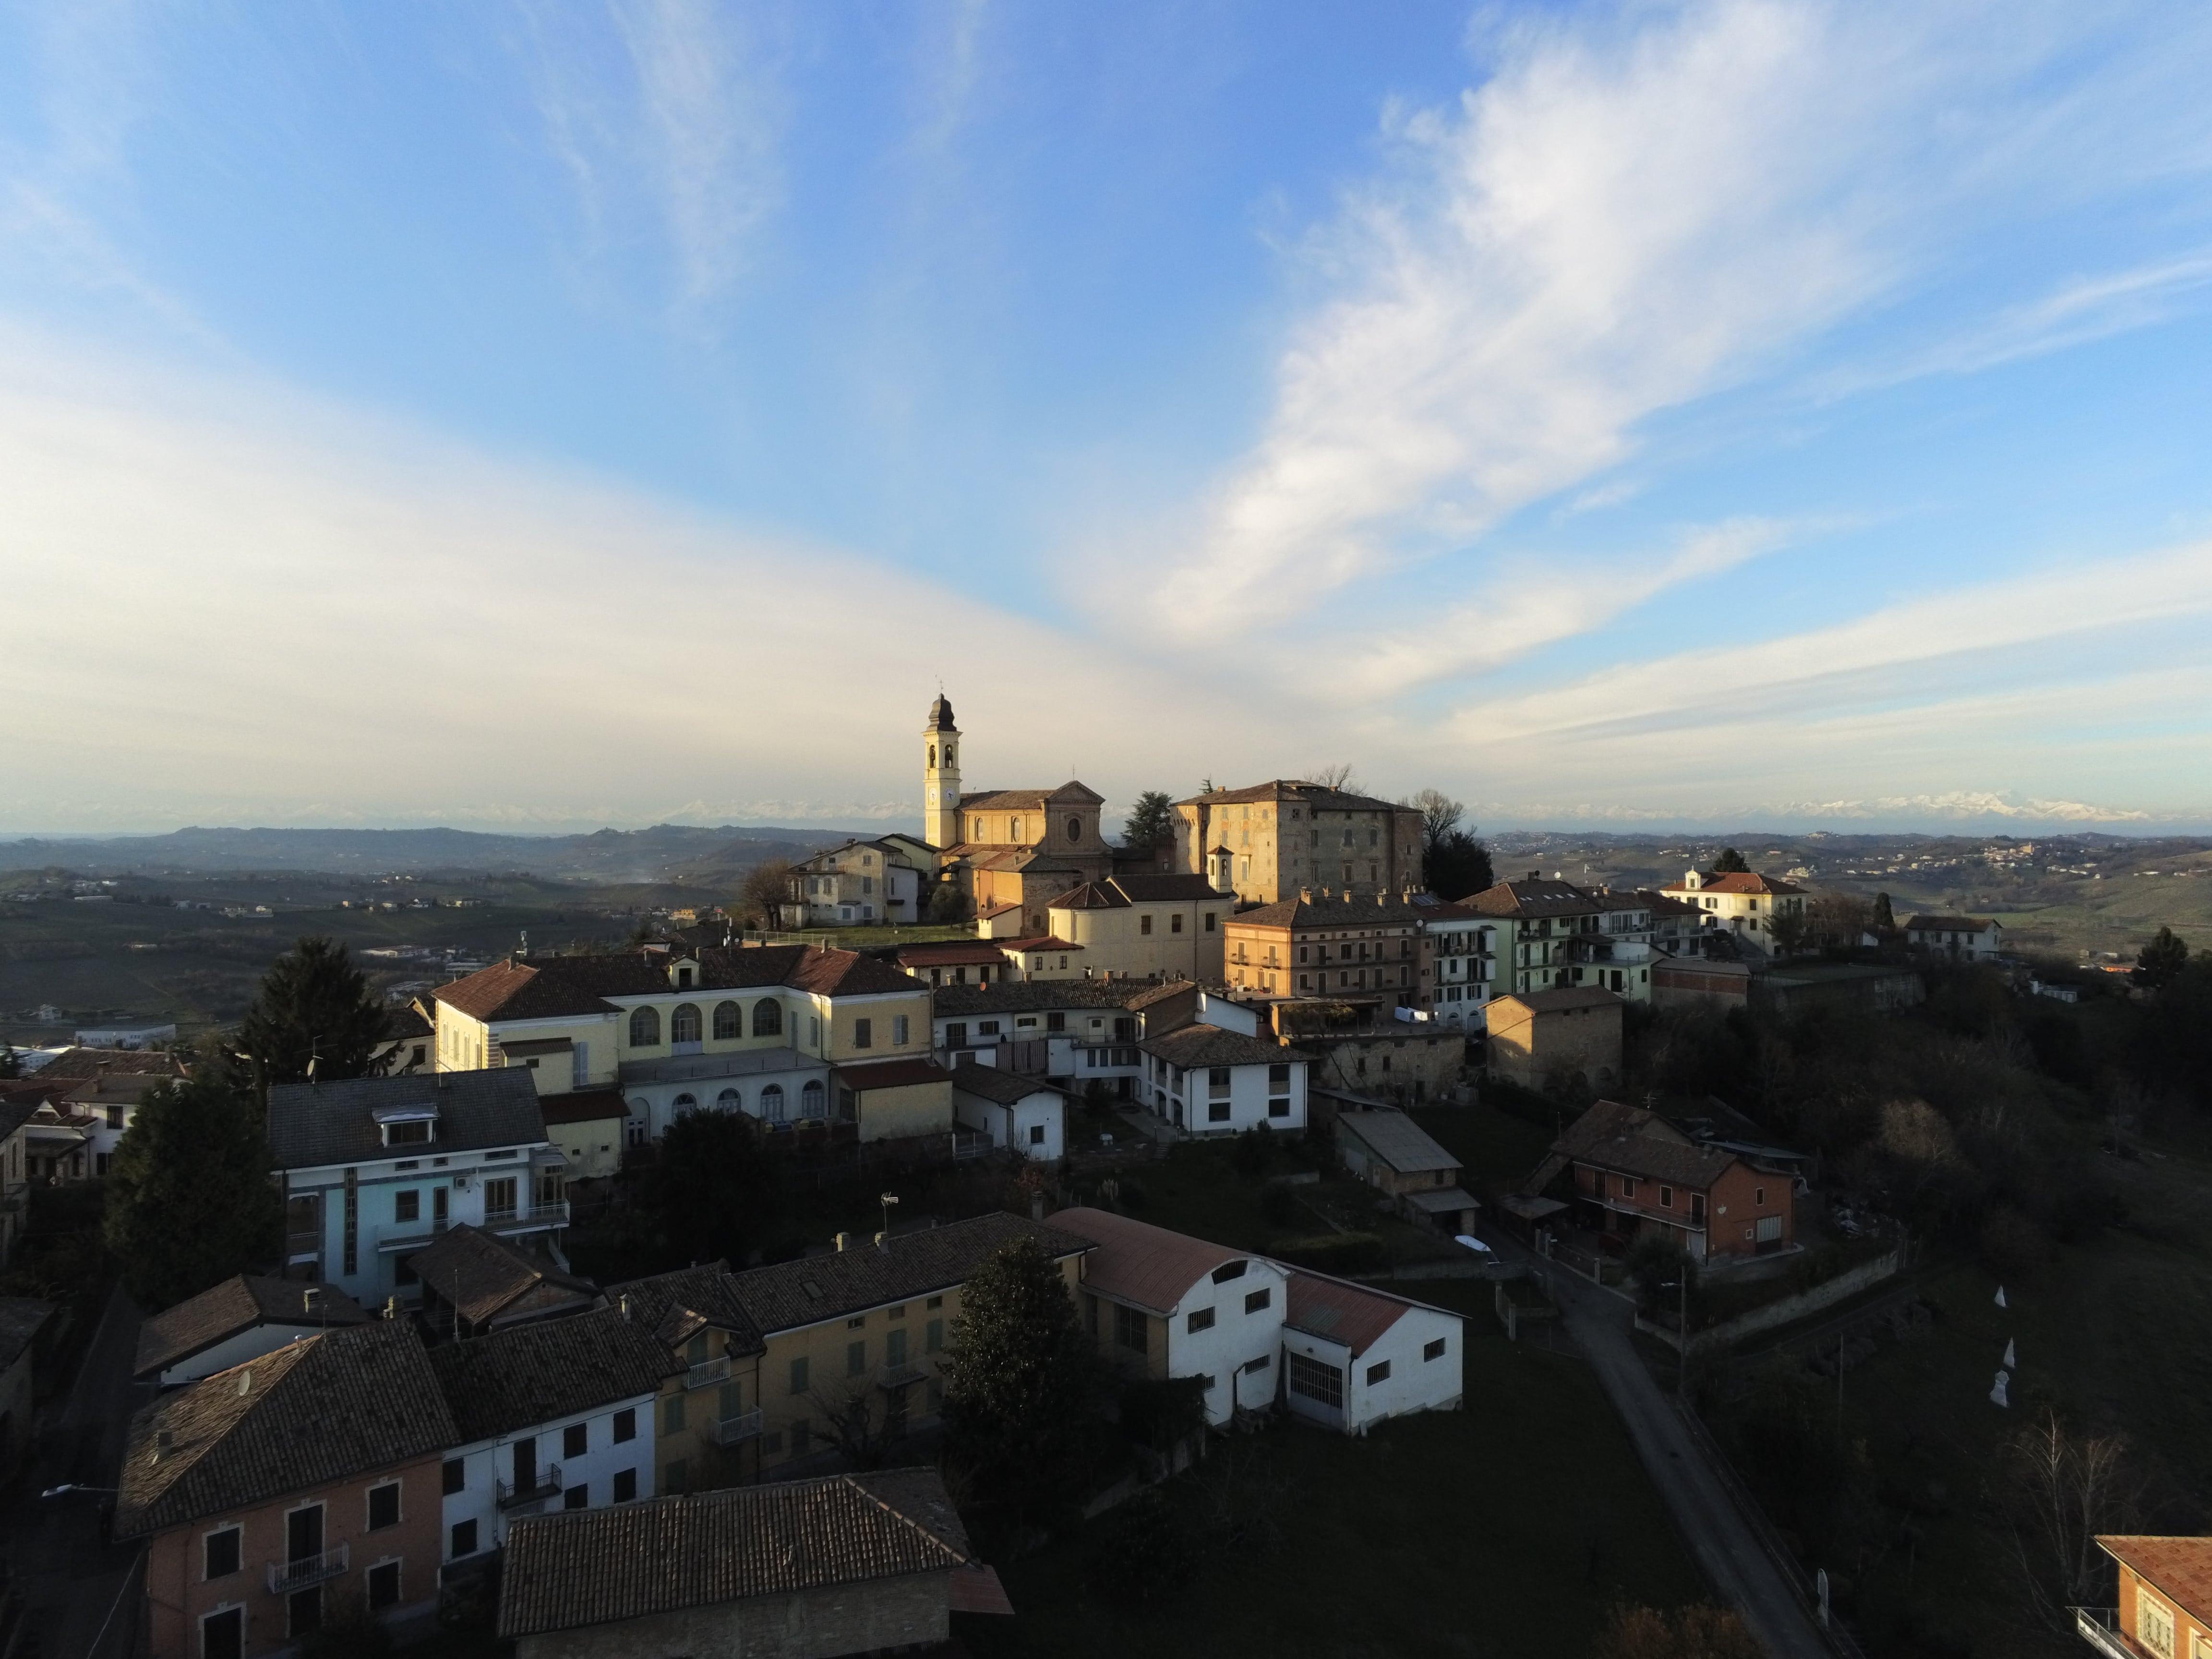 PAVIMENTAZIONE IN PIETRA SU VIABILITÀ CONCENTRICO, San Marzano Oliveto (AT)